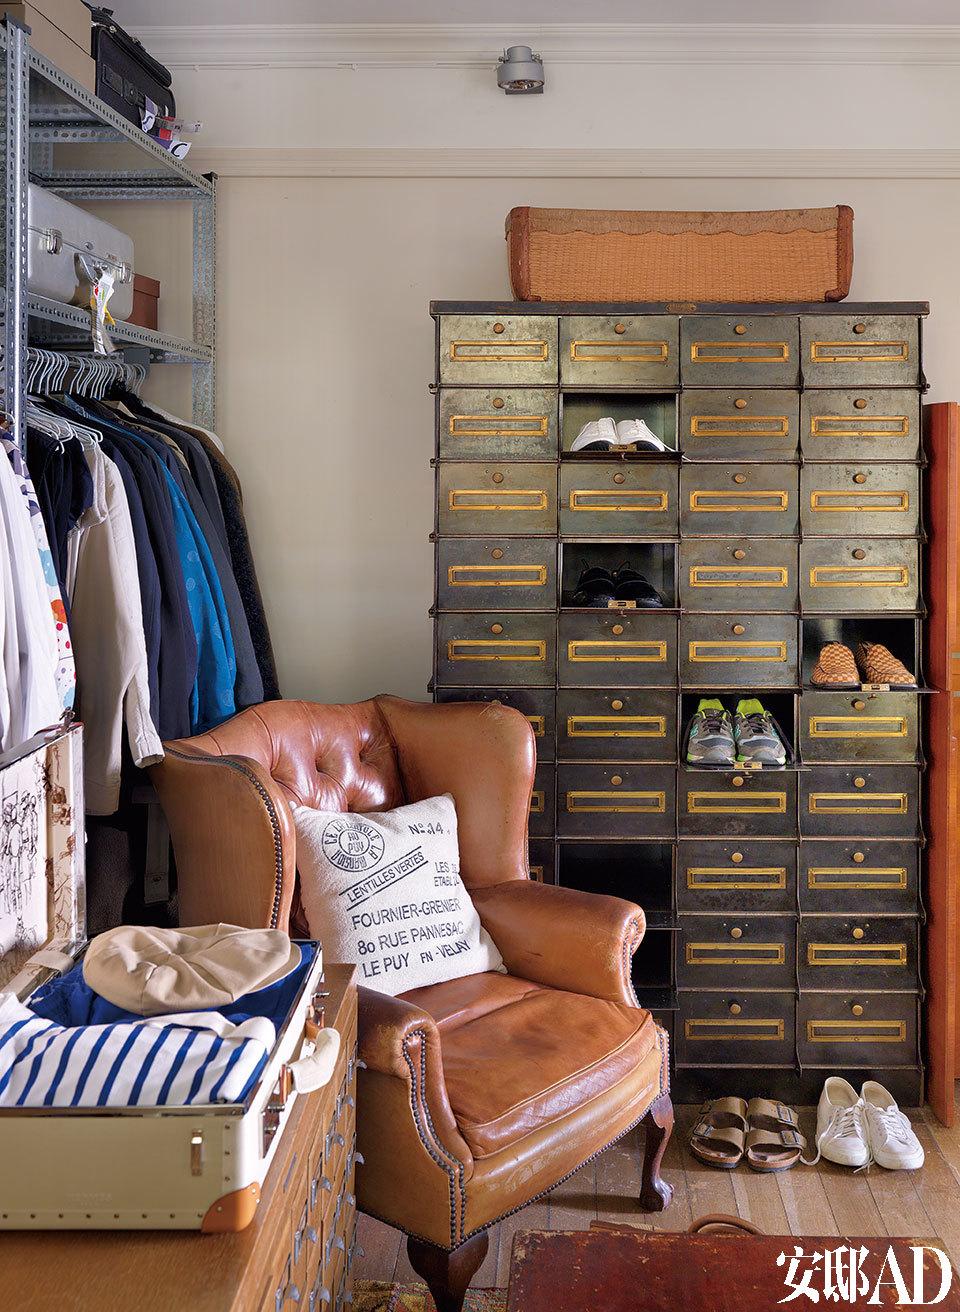 法国工具柜子是法国的旧货,现为叶裕清的鞋柜,对于叶裕清来说,每样东西都该赋予用途。衣柜铁架上还有各种箱子,多是从欧洲、美国或上海等地购买的。